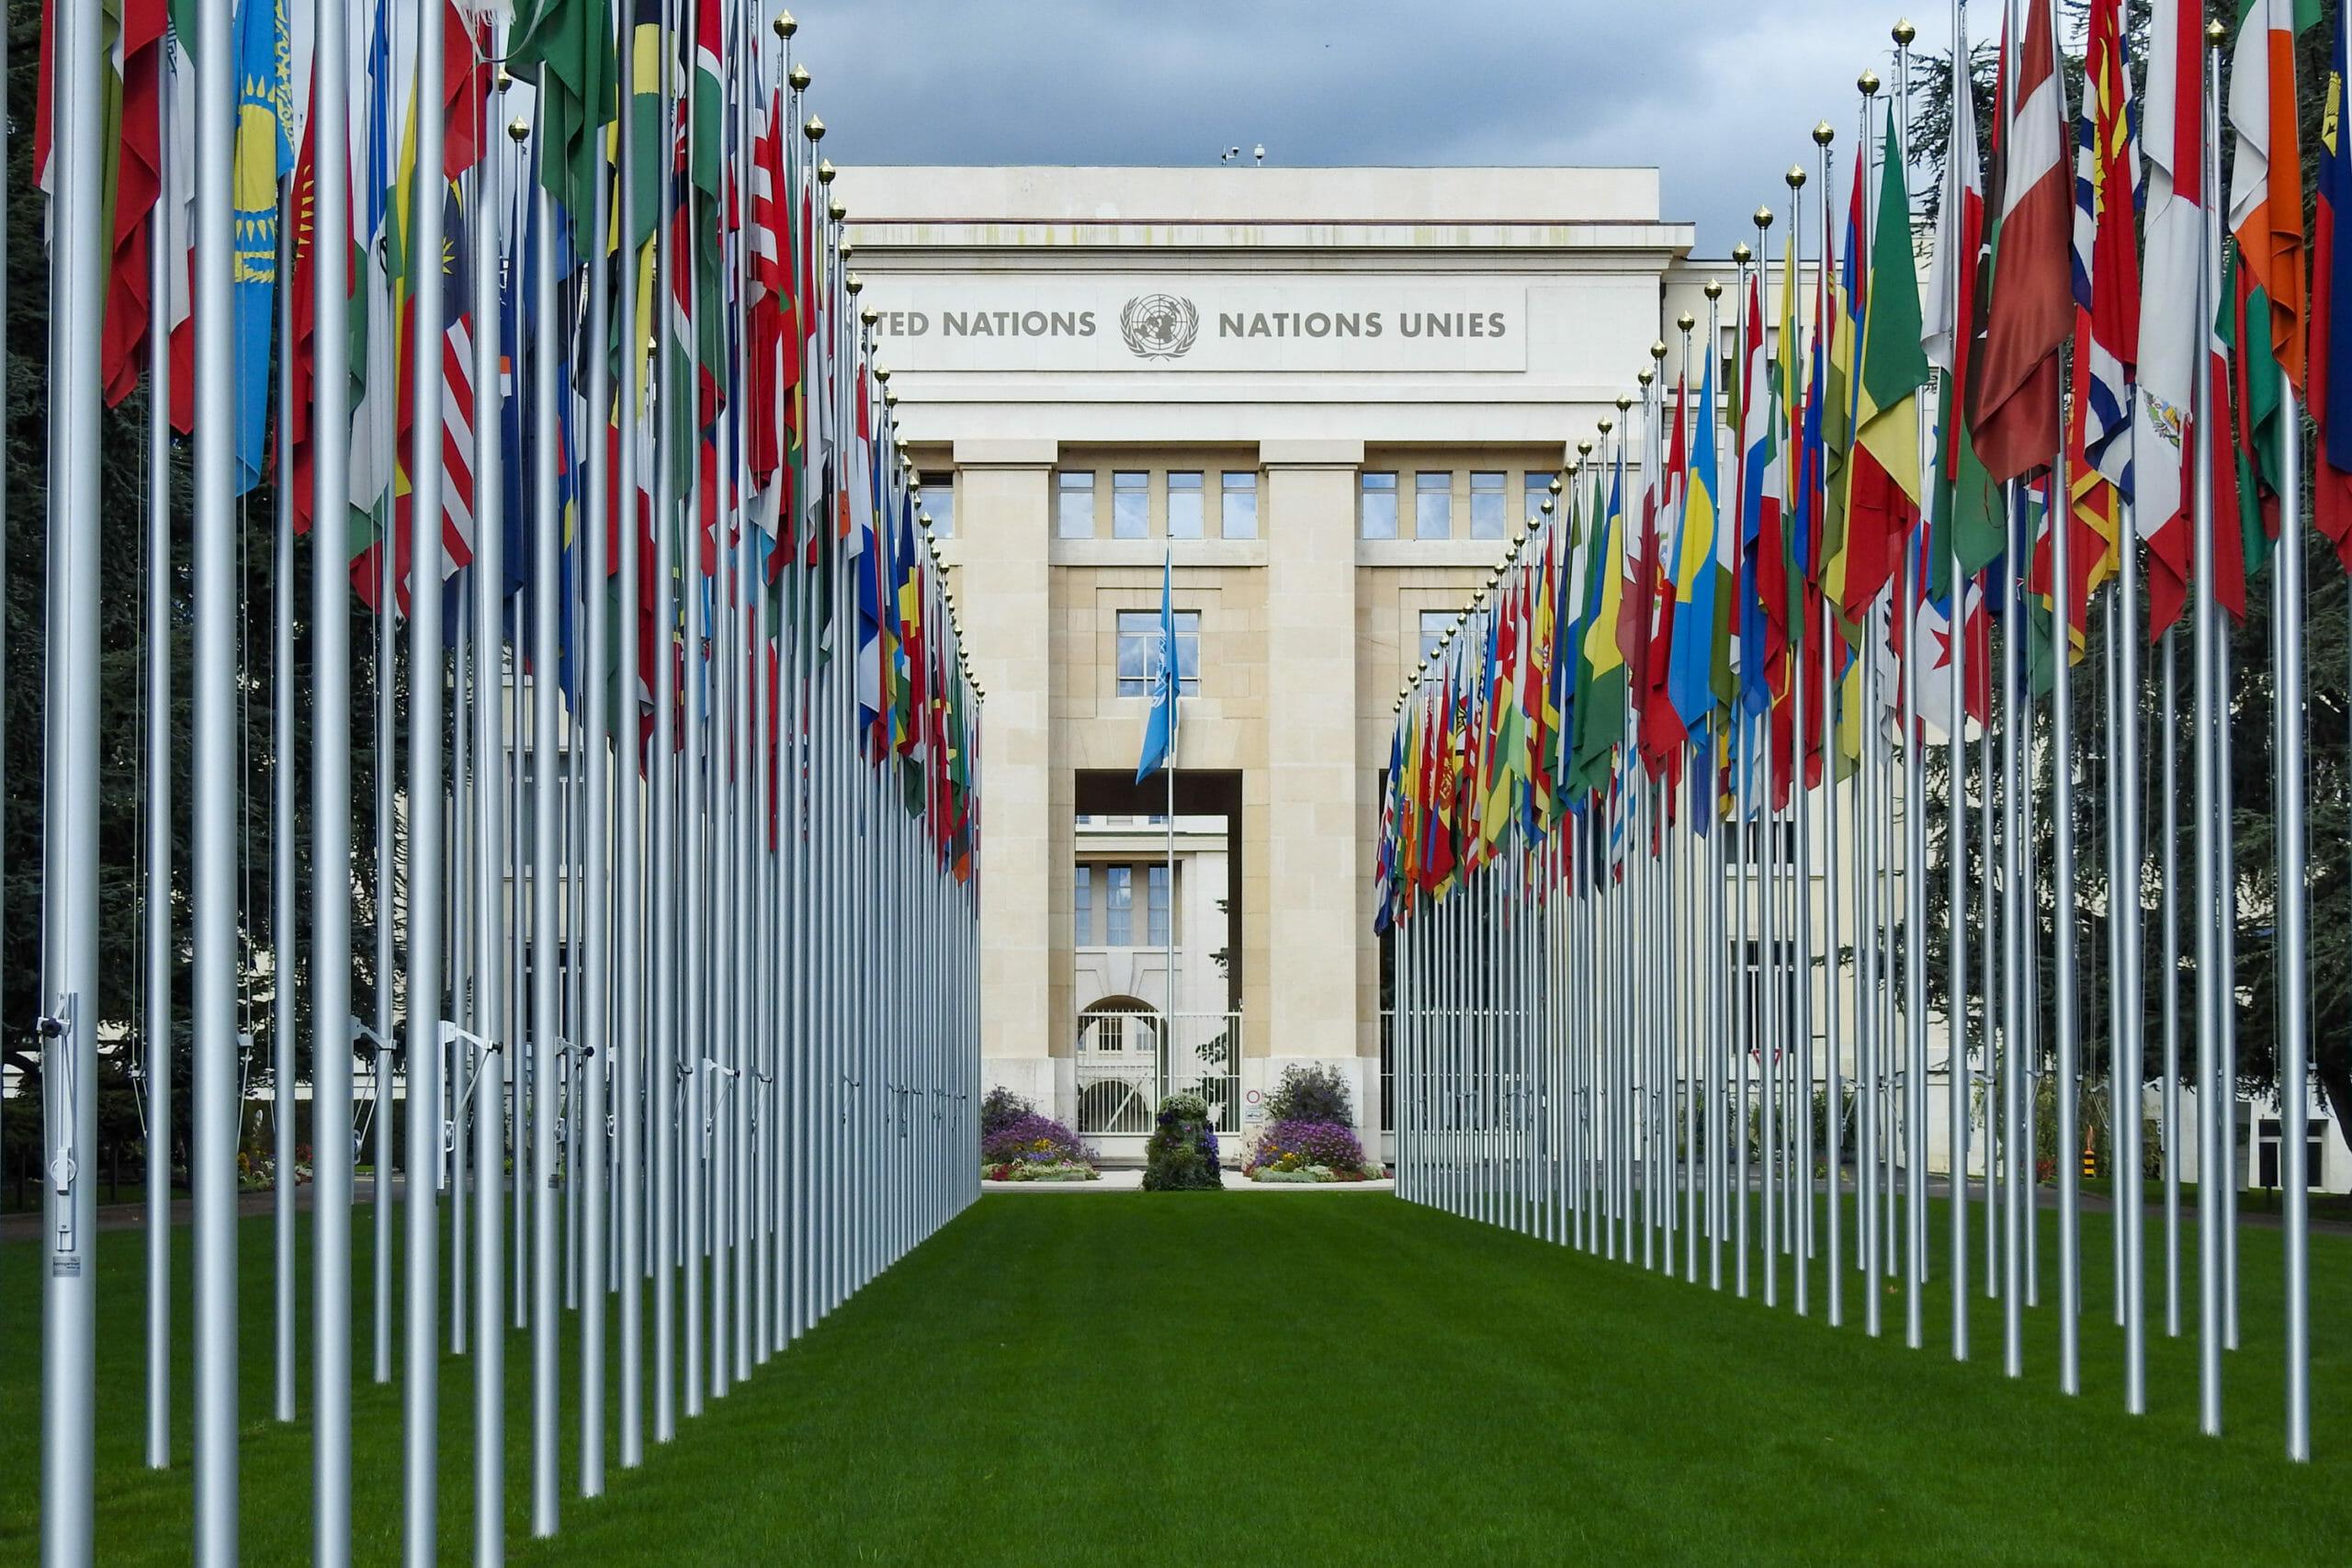 Danskerne bakker op om menneskerettighederne